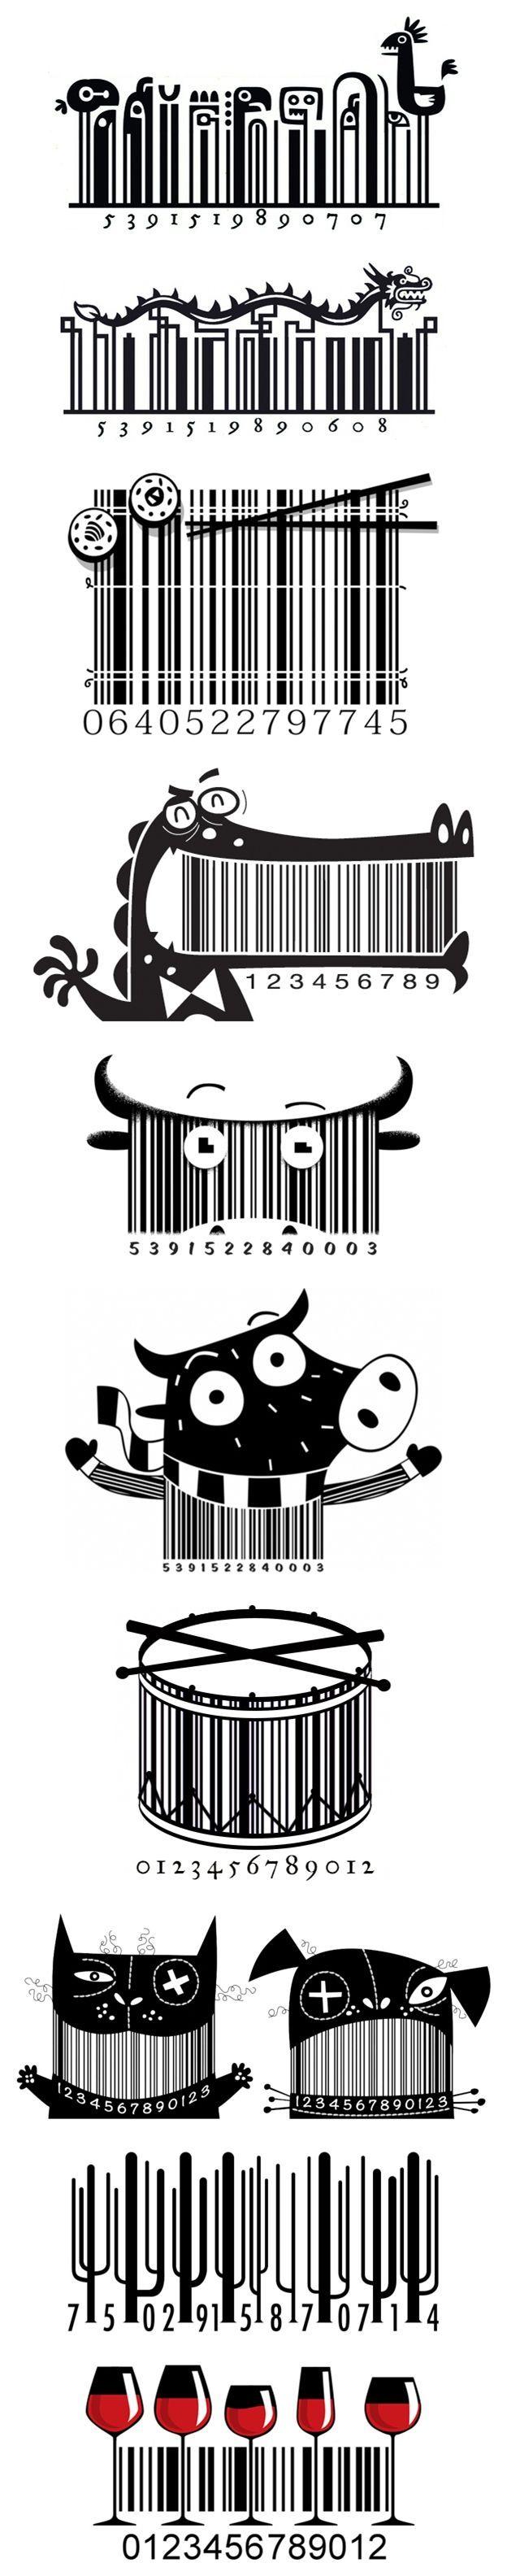 código de baarras